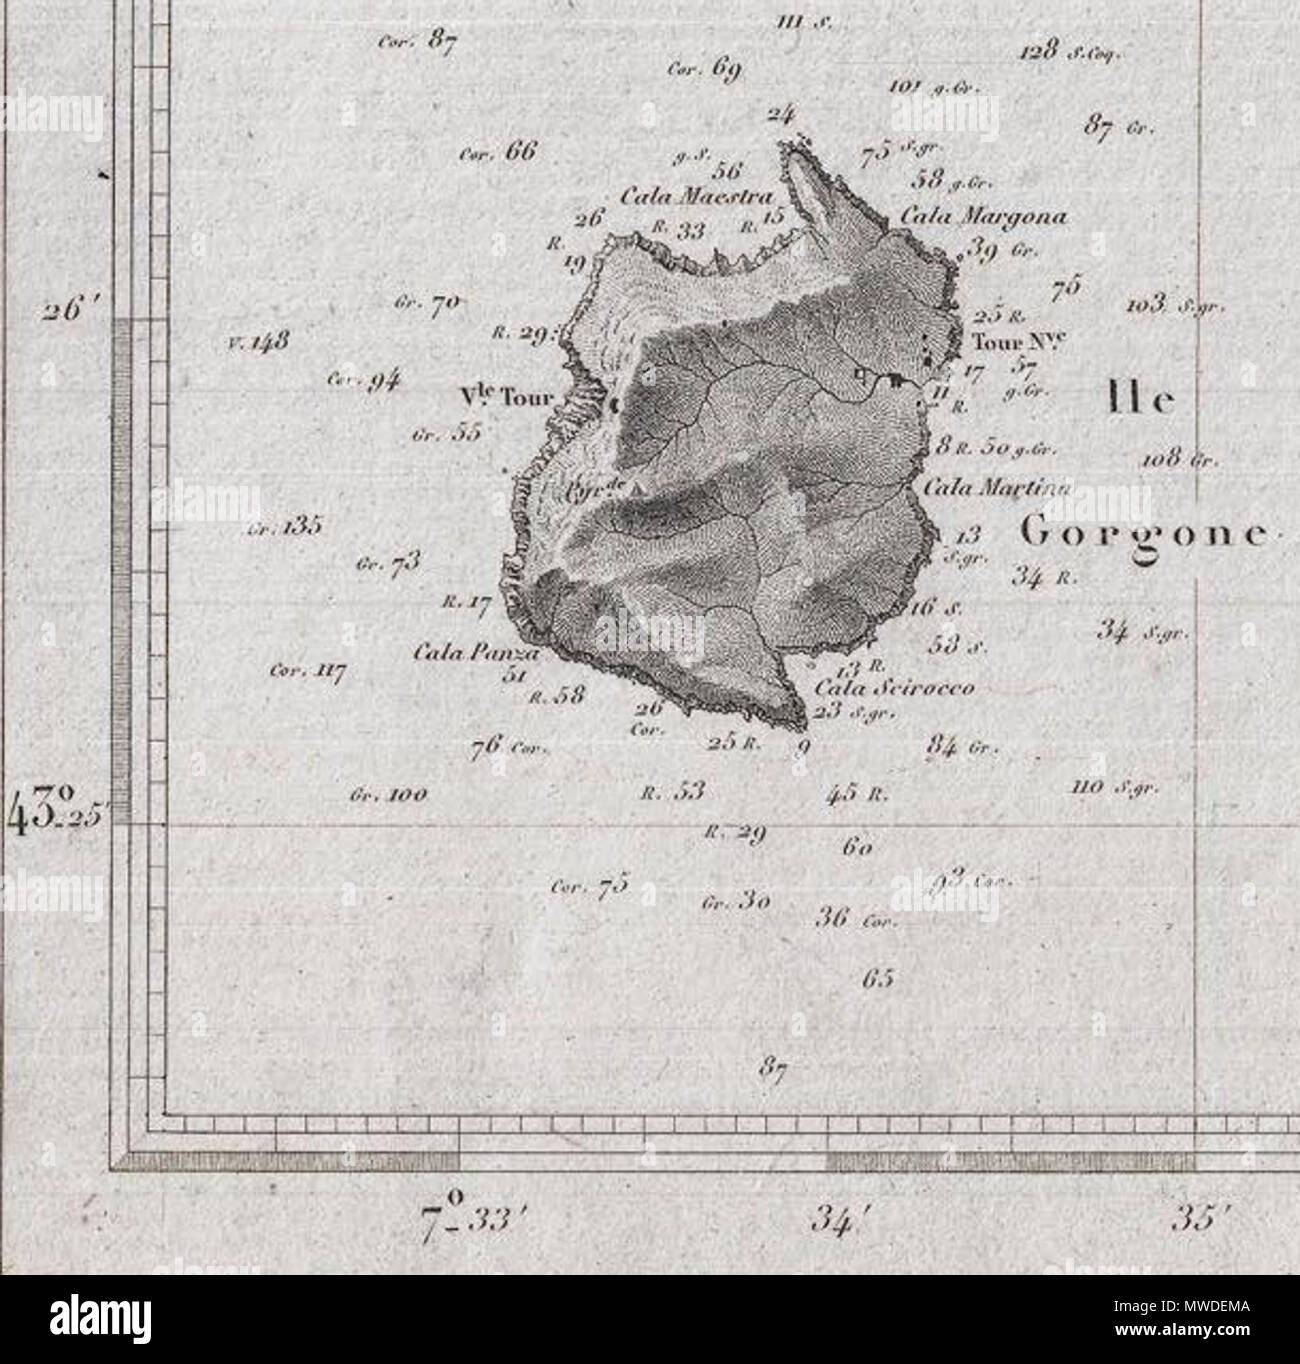 Englisch Eine Schöne Französische Nautische Karte Oder Karte 1852